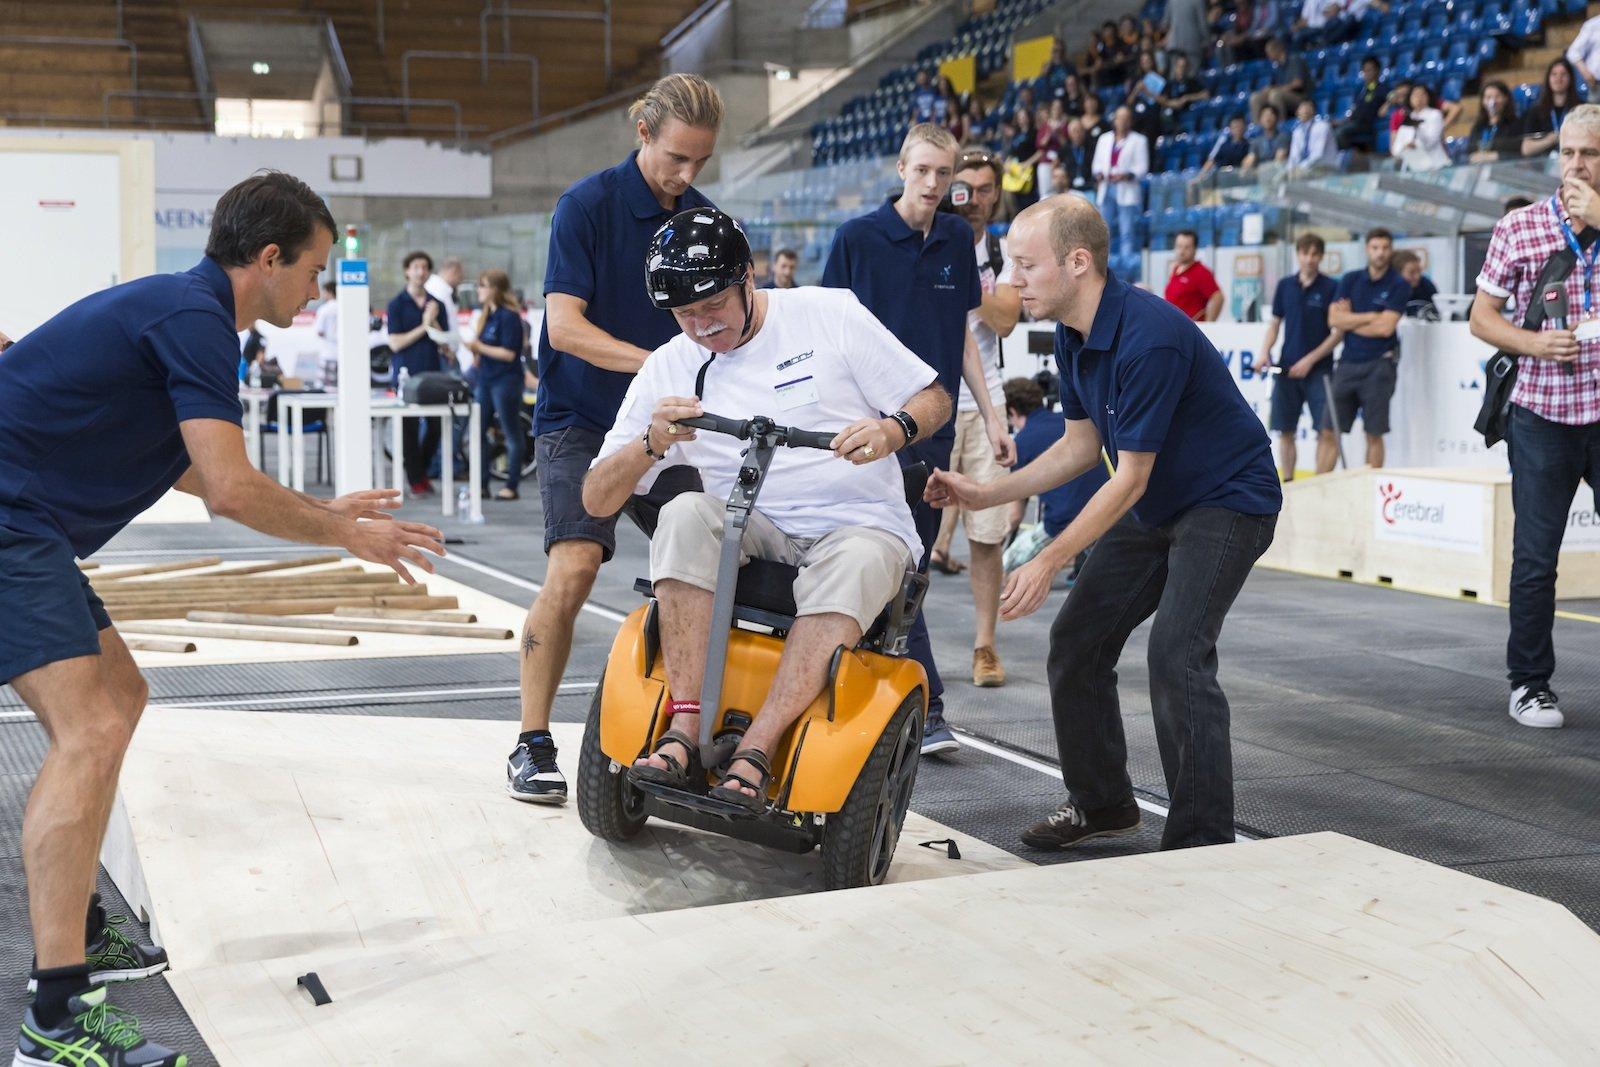 Alltagsrelevanter Parcours mit motorisierten Rollstühlen: Um Hindernisse wie Rampen, Treppenstufen und Slalomkurven zu bewältigen, müssen die Rollstühle gut manövrierbar und leistungsstark sein.